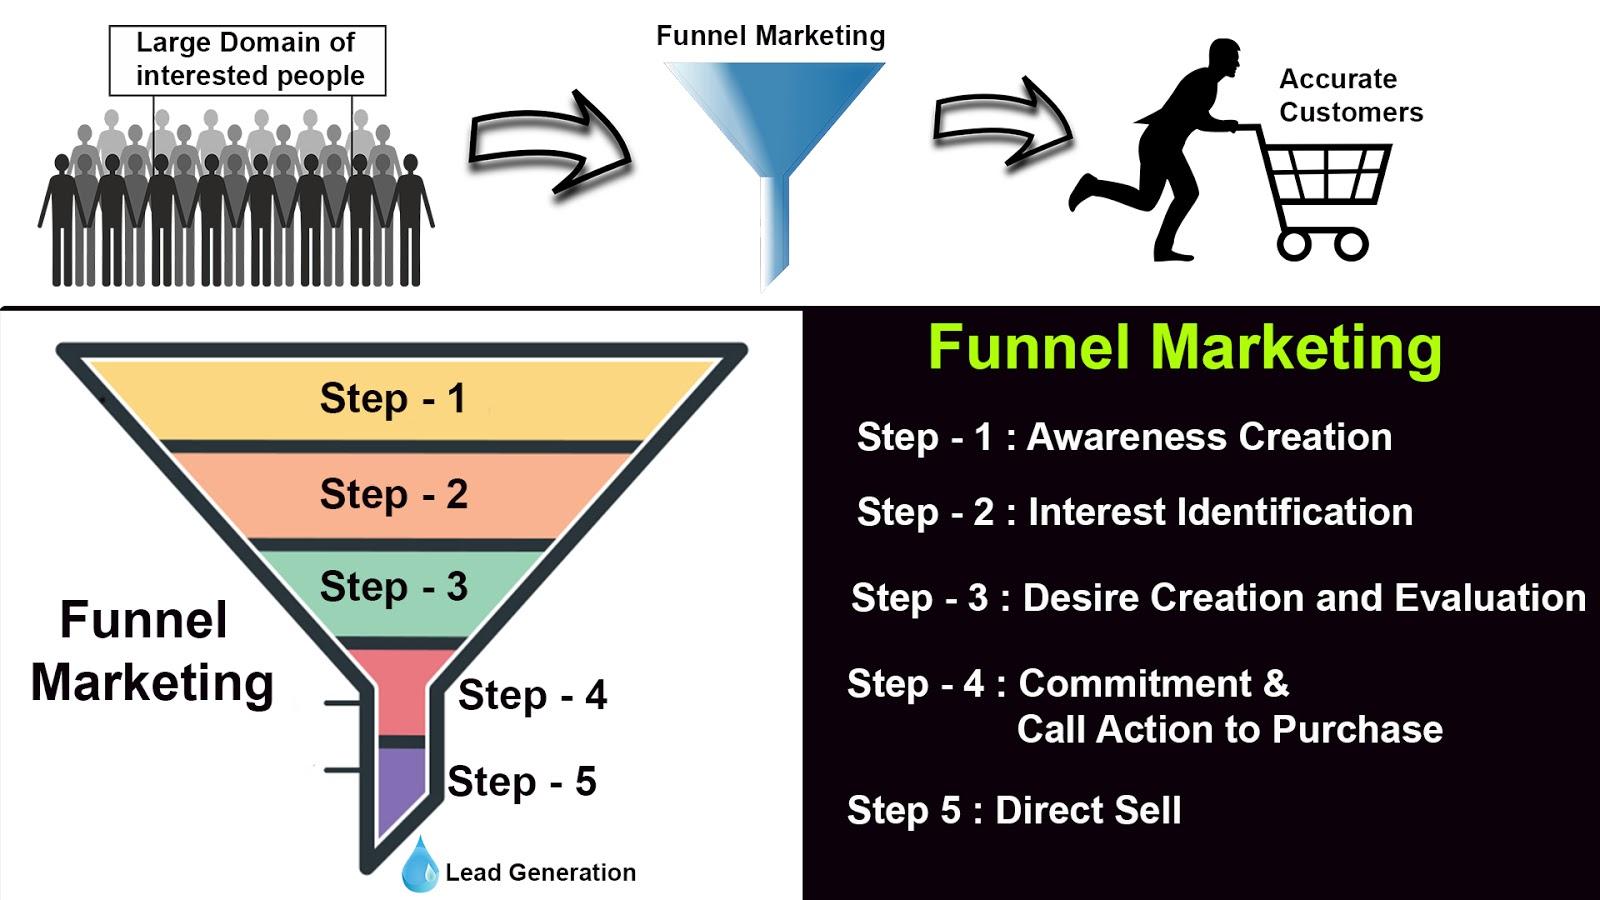 ಫನೆಲ್ ಮಾರ್ಕೆಟಿಂಗ್ - Funnel Marketing